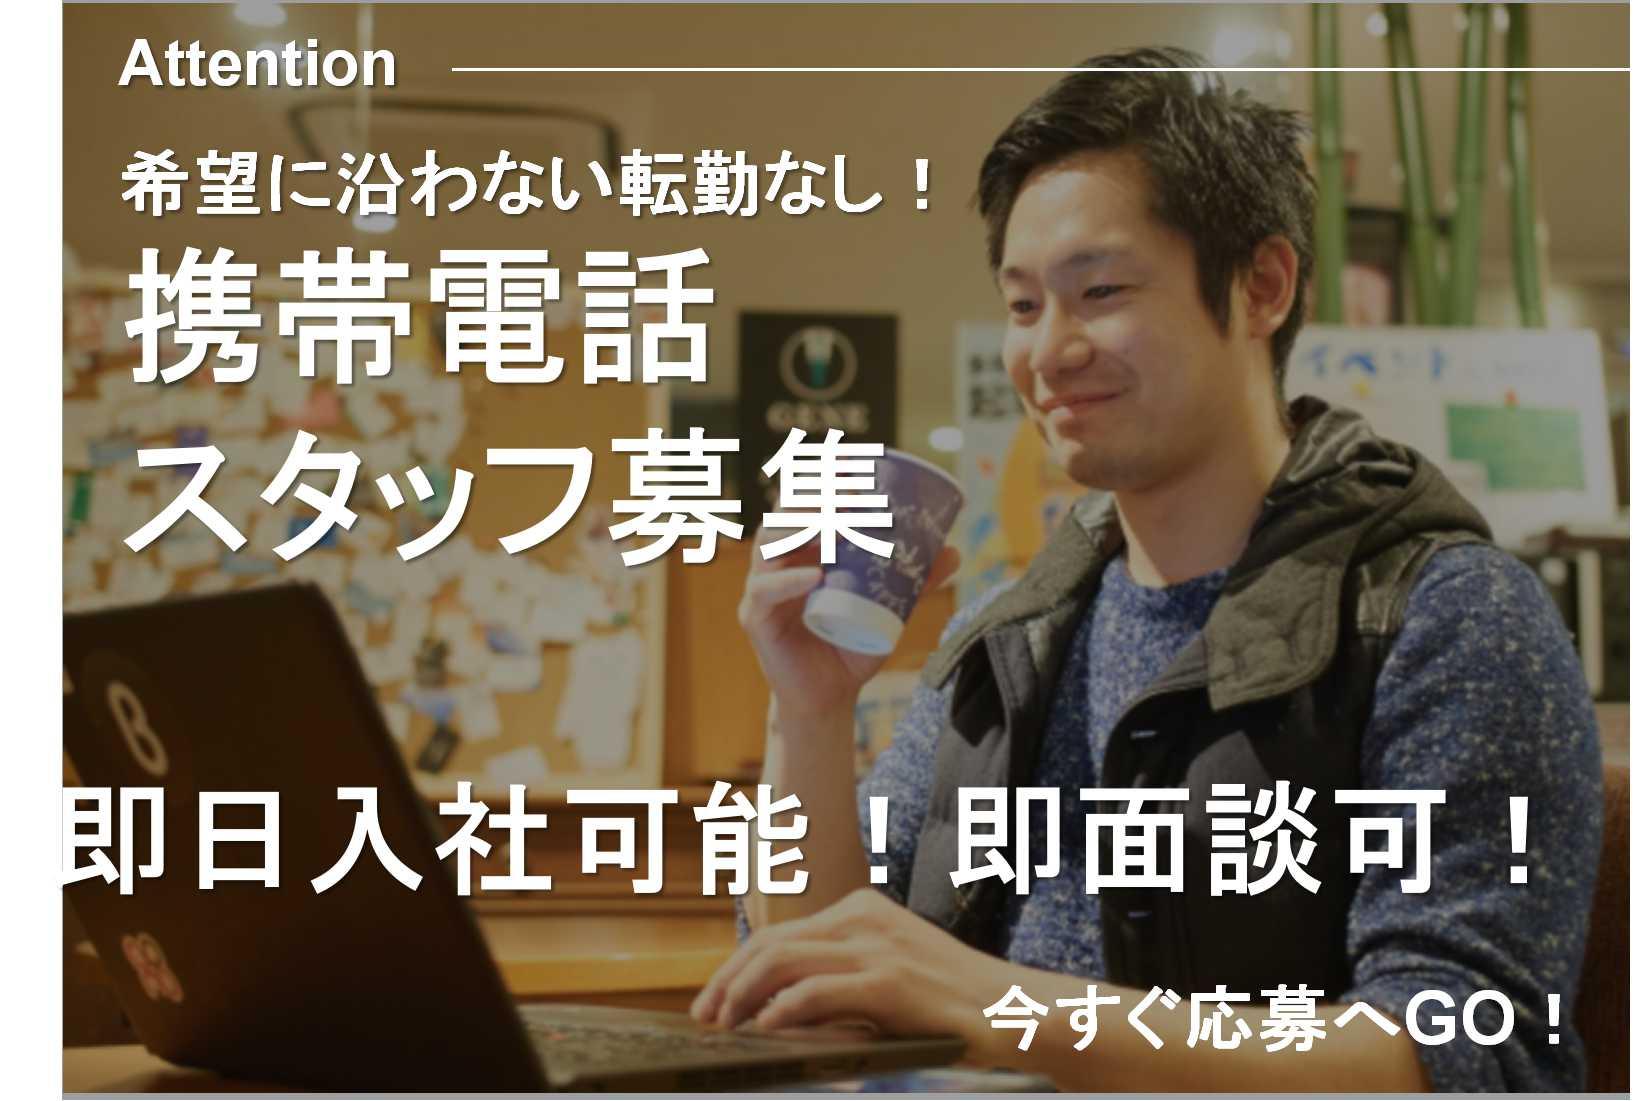 【愛知県瀬戸市】転勤なし♪残業なし♪携帯電話スタッフ【即面談可能】 イメージ